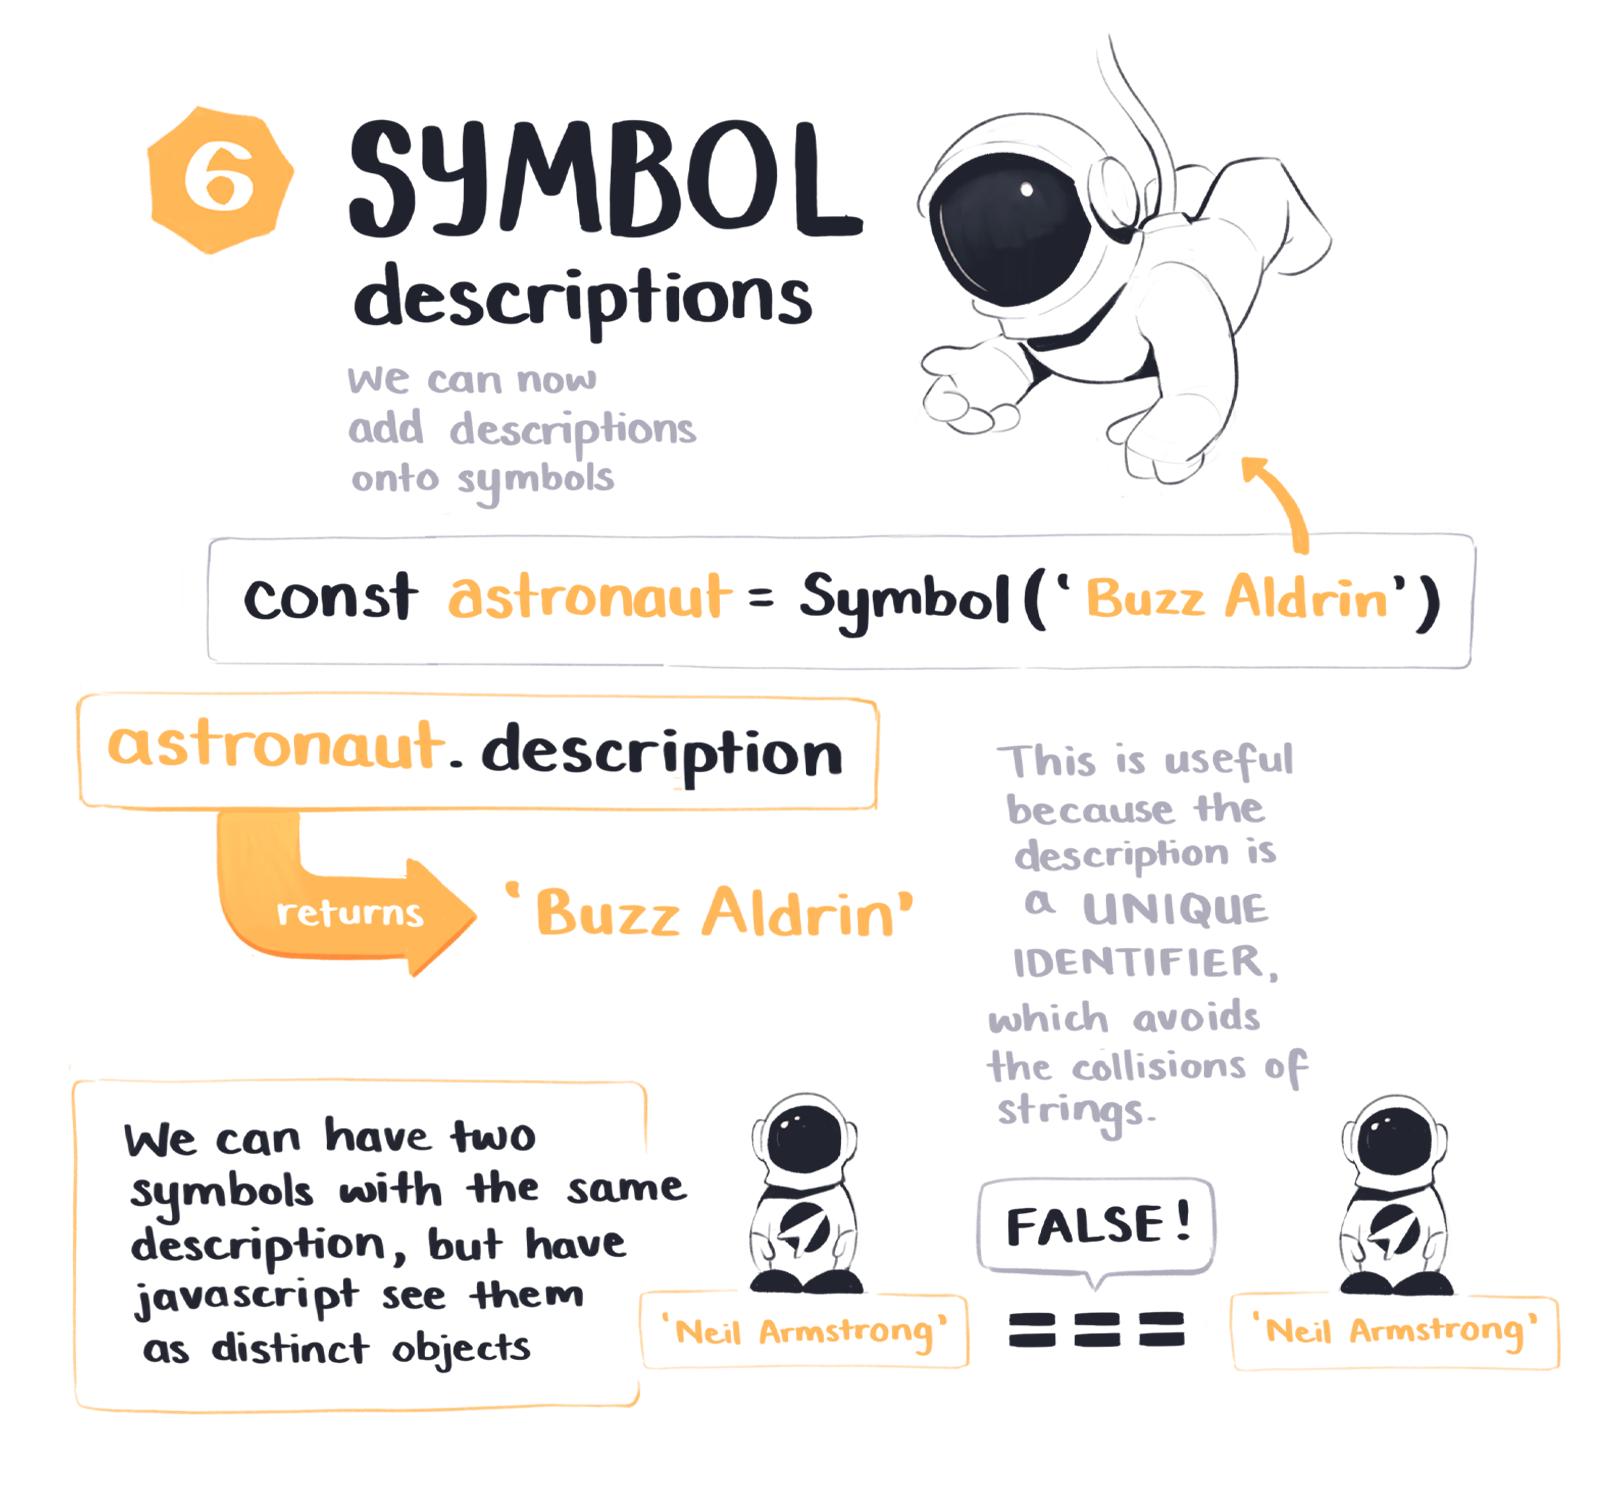 Descriptions on Symbols